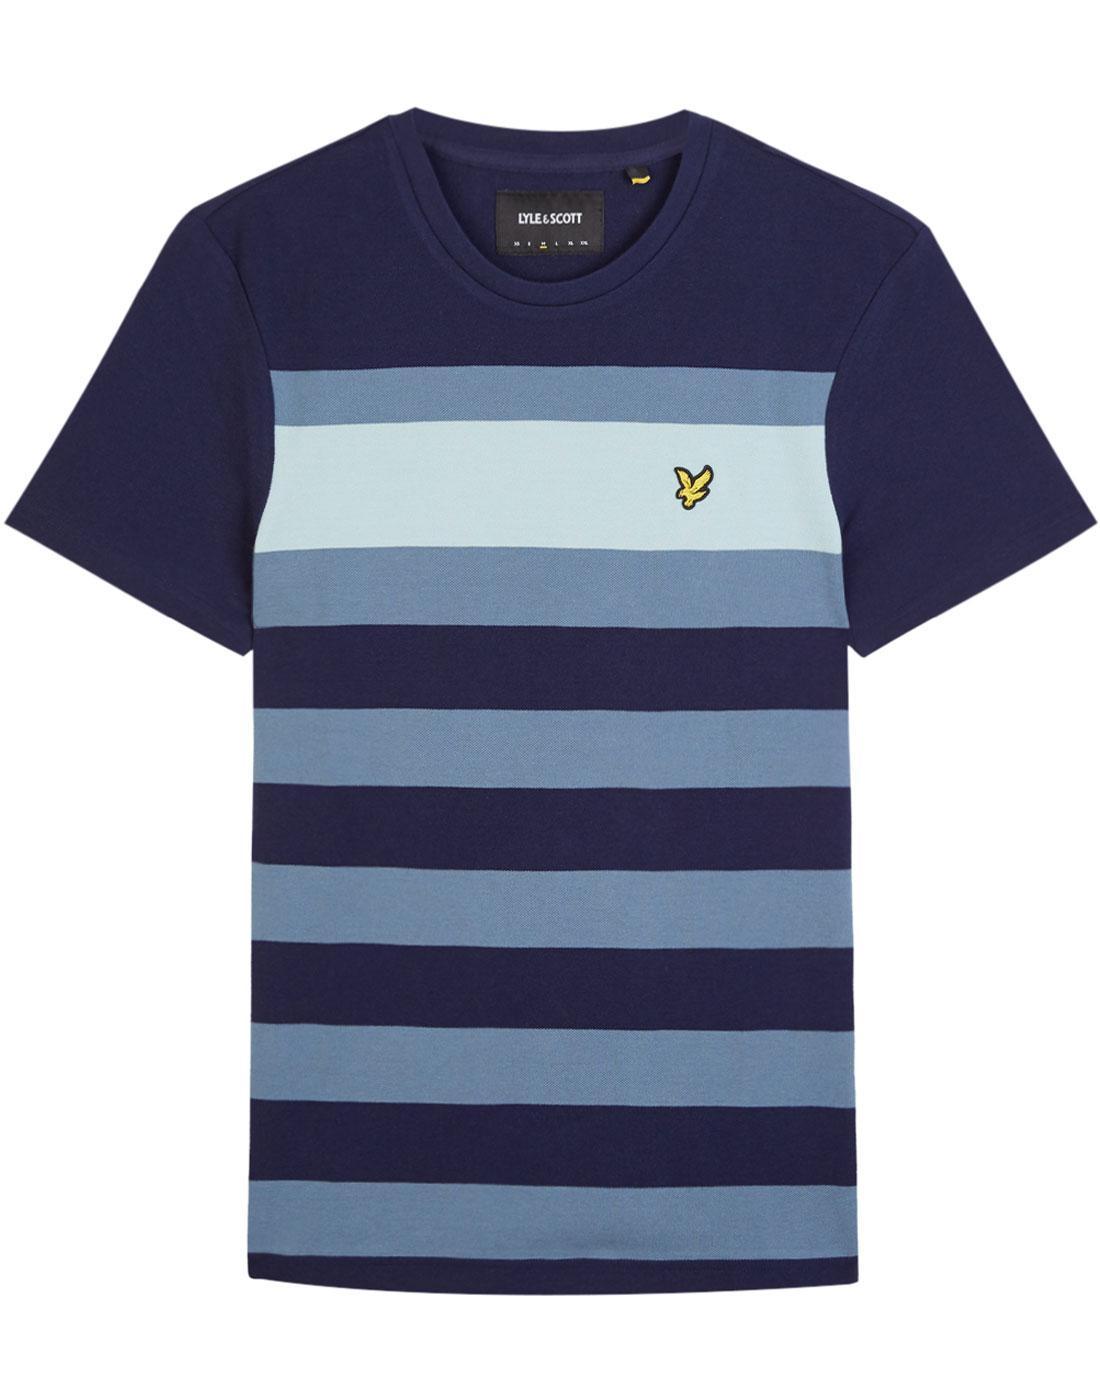 LYLE & SCOTT Retro Mod Textured Stripe T-Shirt (N)